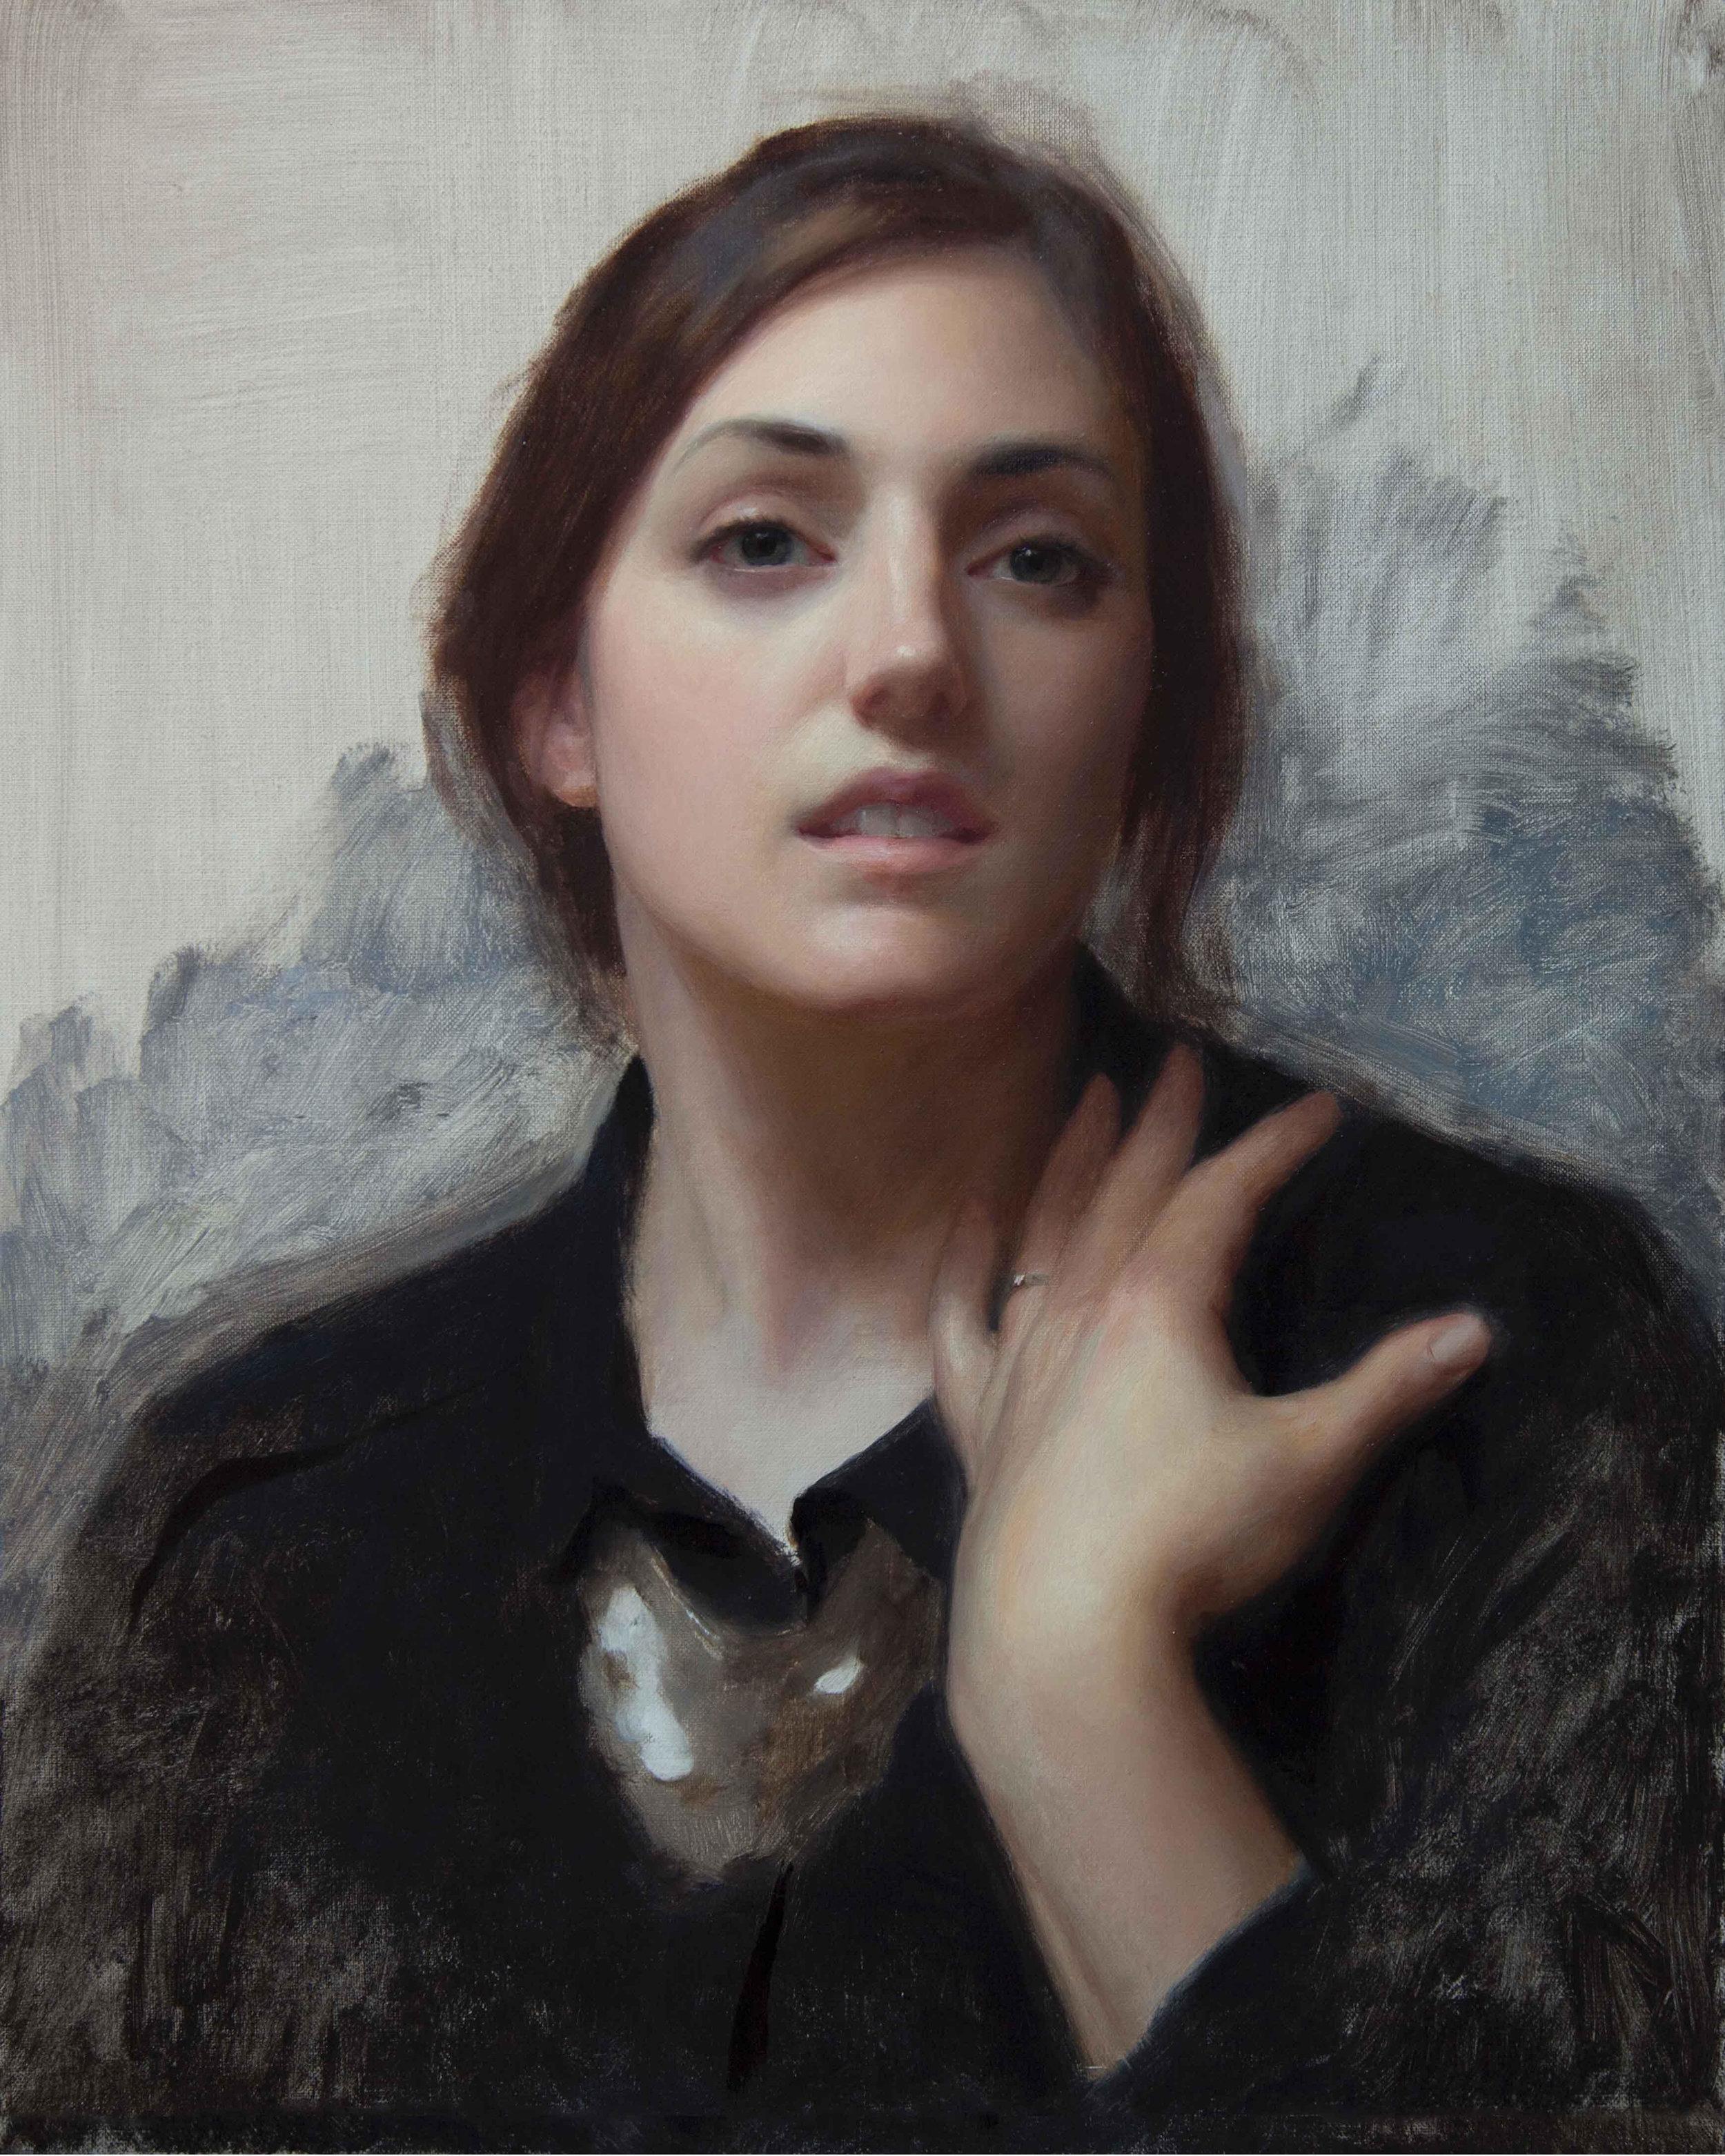 Laura in Black, 20 x 16, by Joshua LaRock